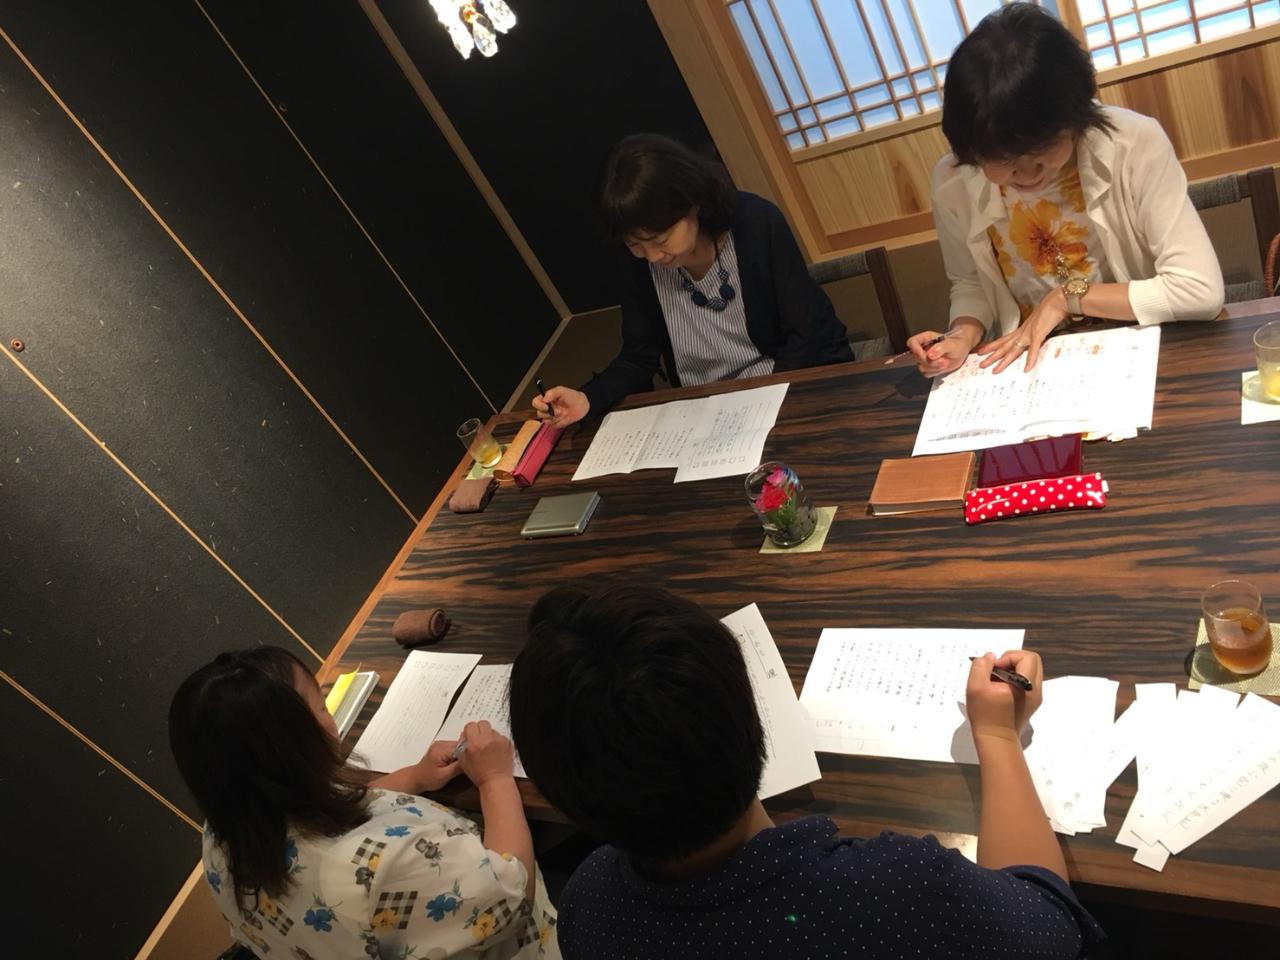 \日本を感じる和体験/ 俳句詠み + 割烹料理屋での和食ランチを楽しもう!